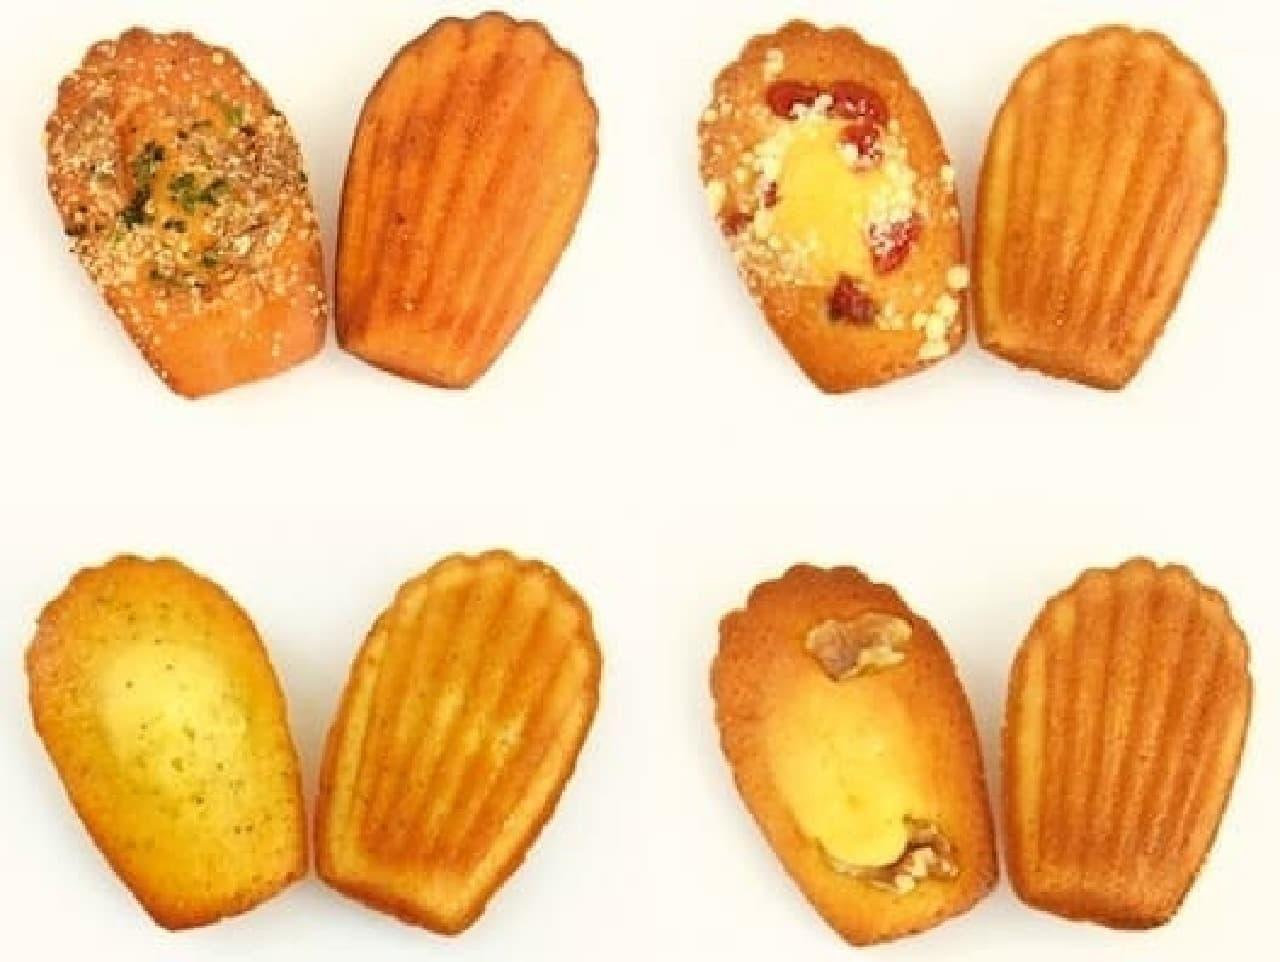 左上からナポリタン、クランベリークランブル、  レモンポピーシード、メープルウォールナッツ